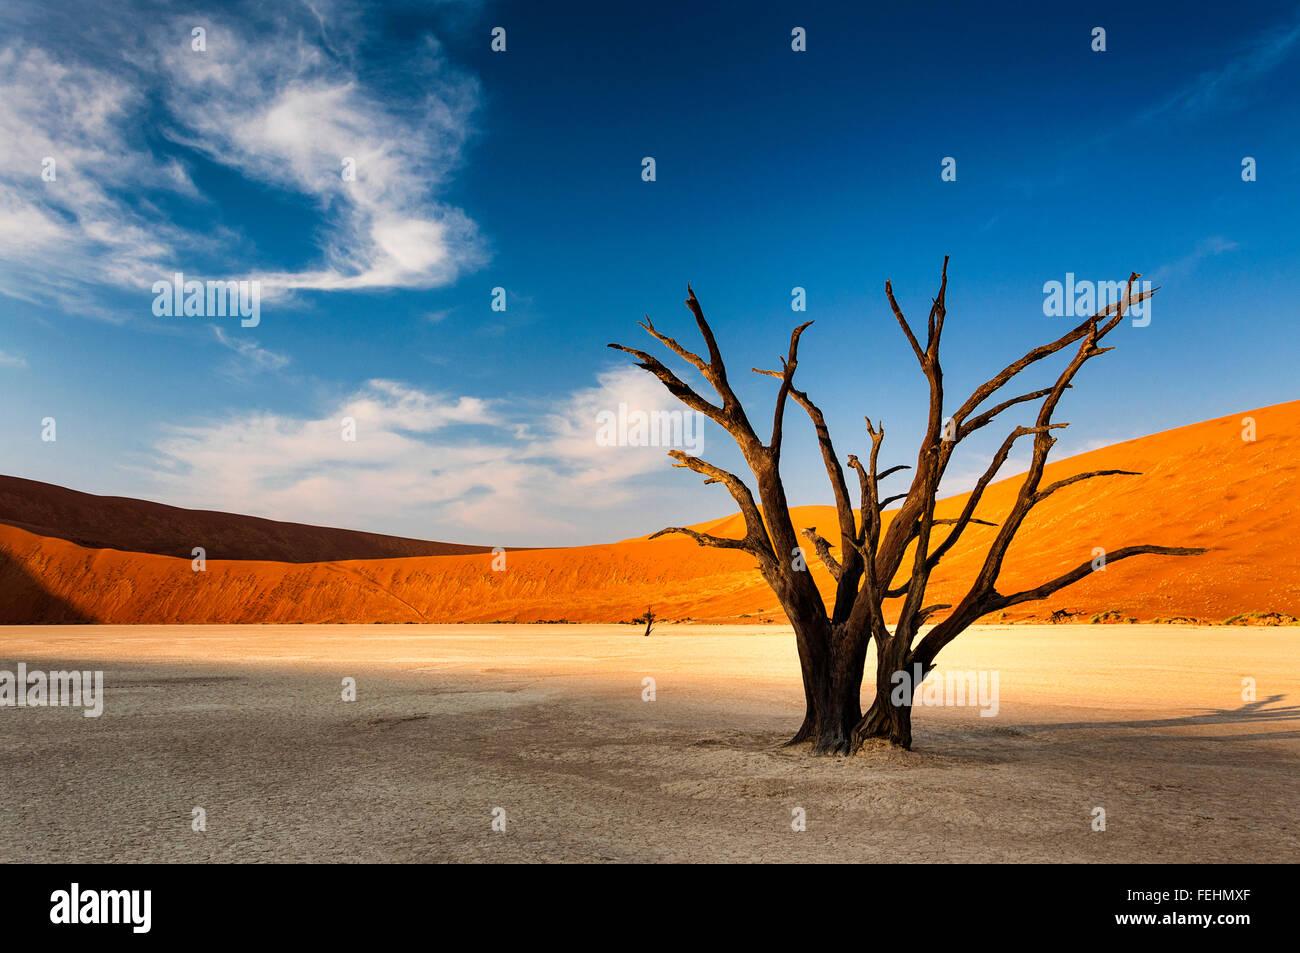 Toter Baum in Sossusvlei im Namib-Wüste, Namibia Stockbild